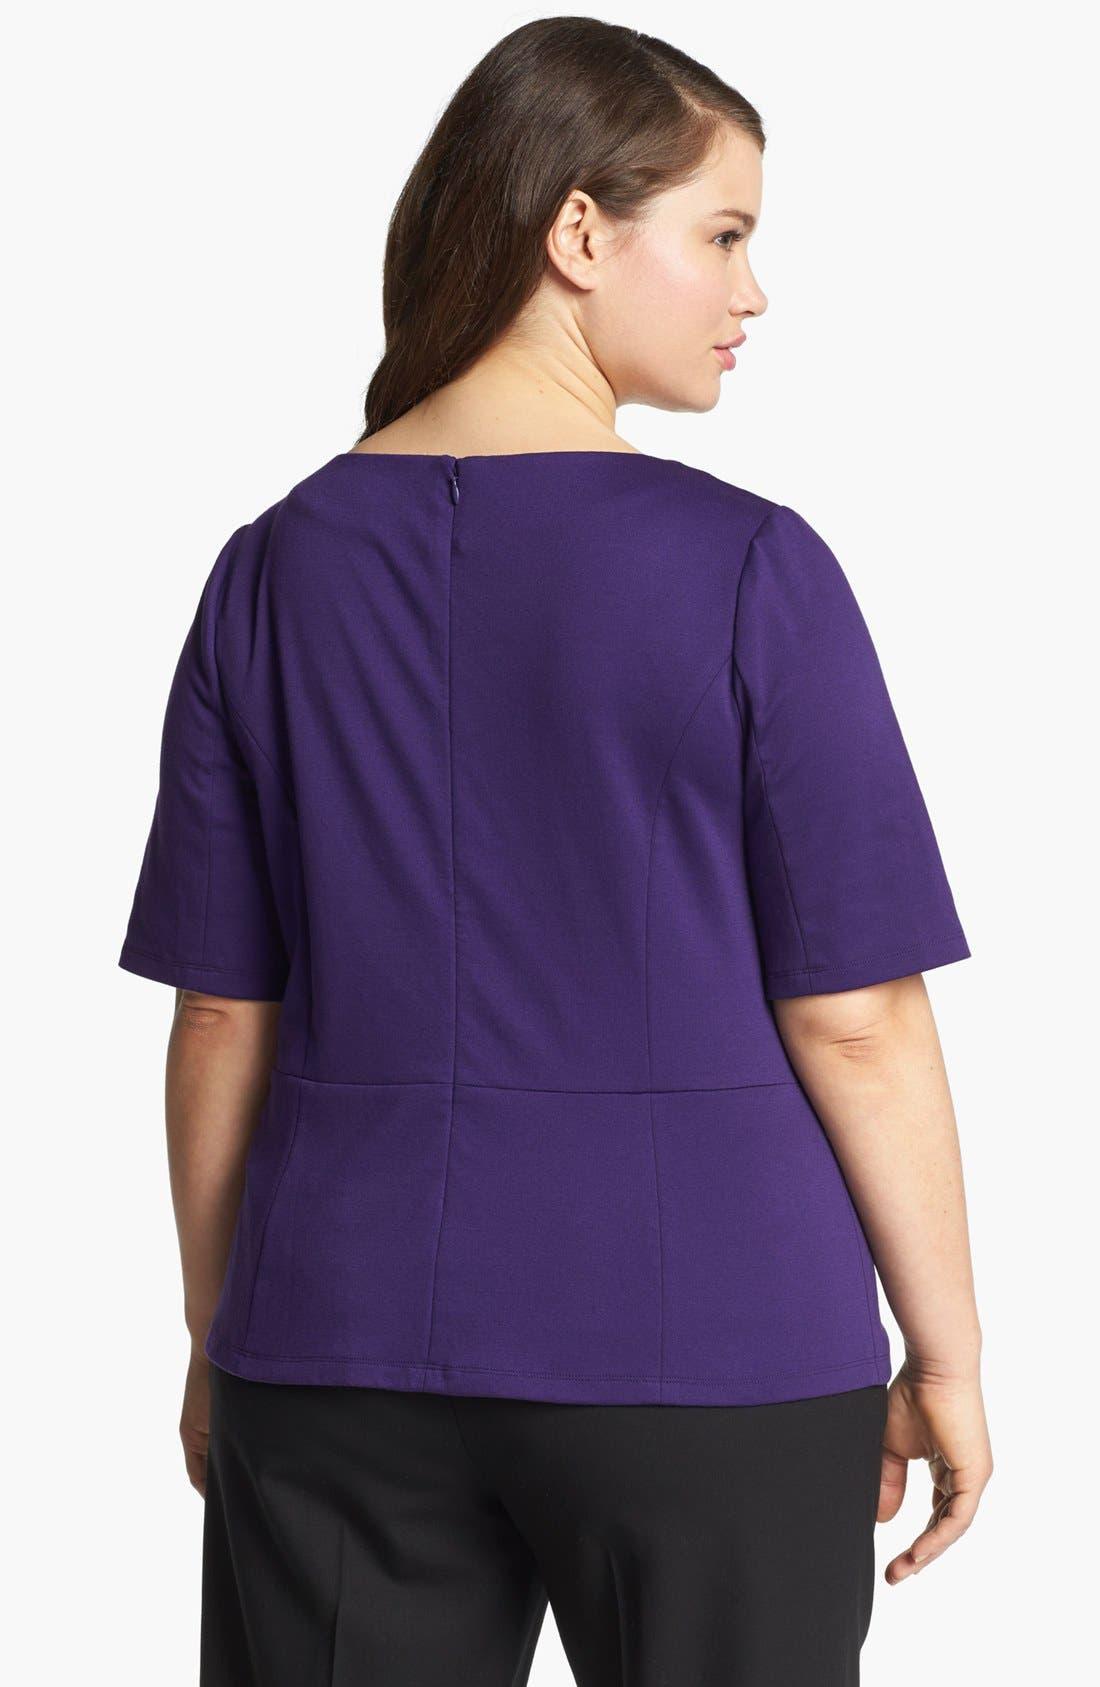 Alternate Image 2  - Sejour Embellished Ponte Knit Top (Plus Size)